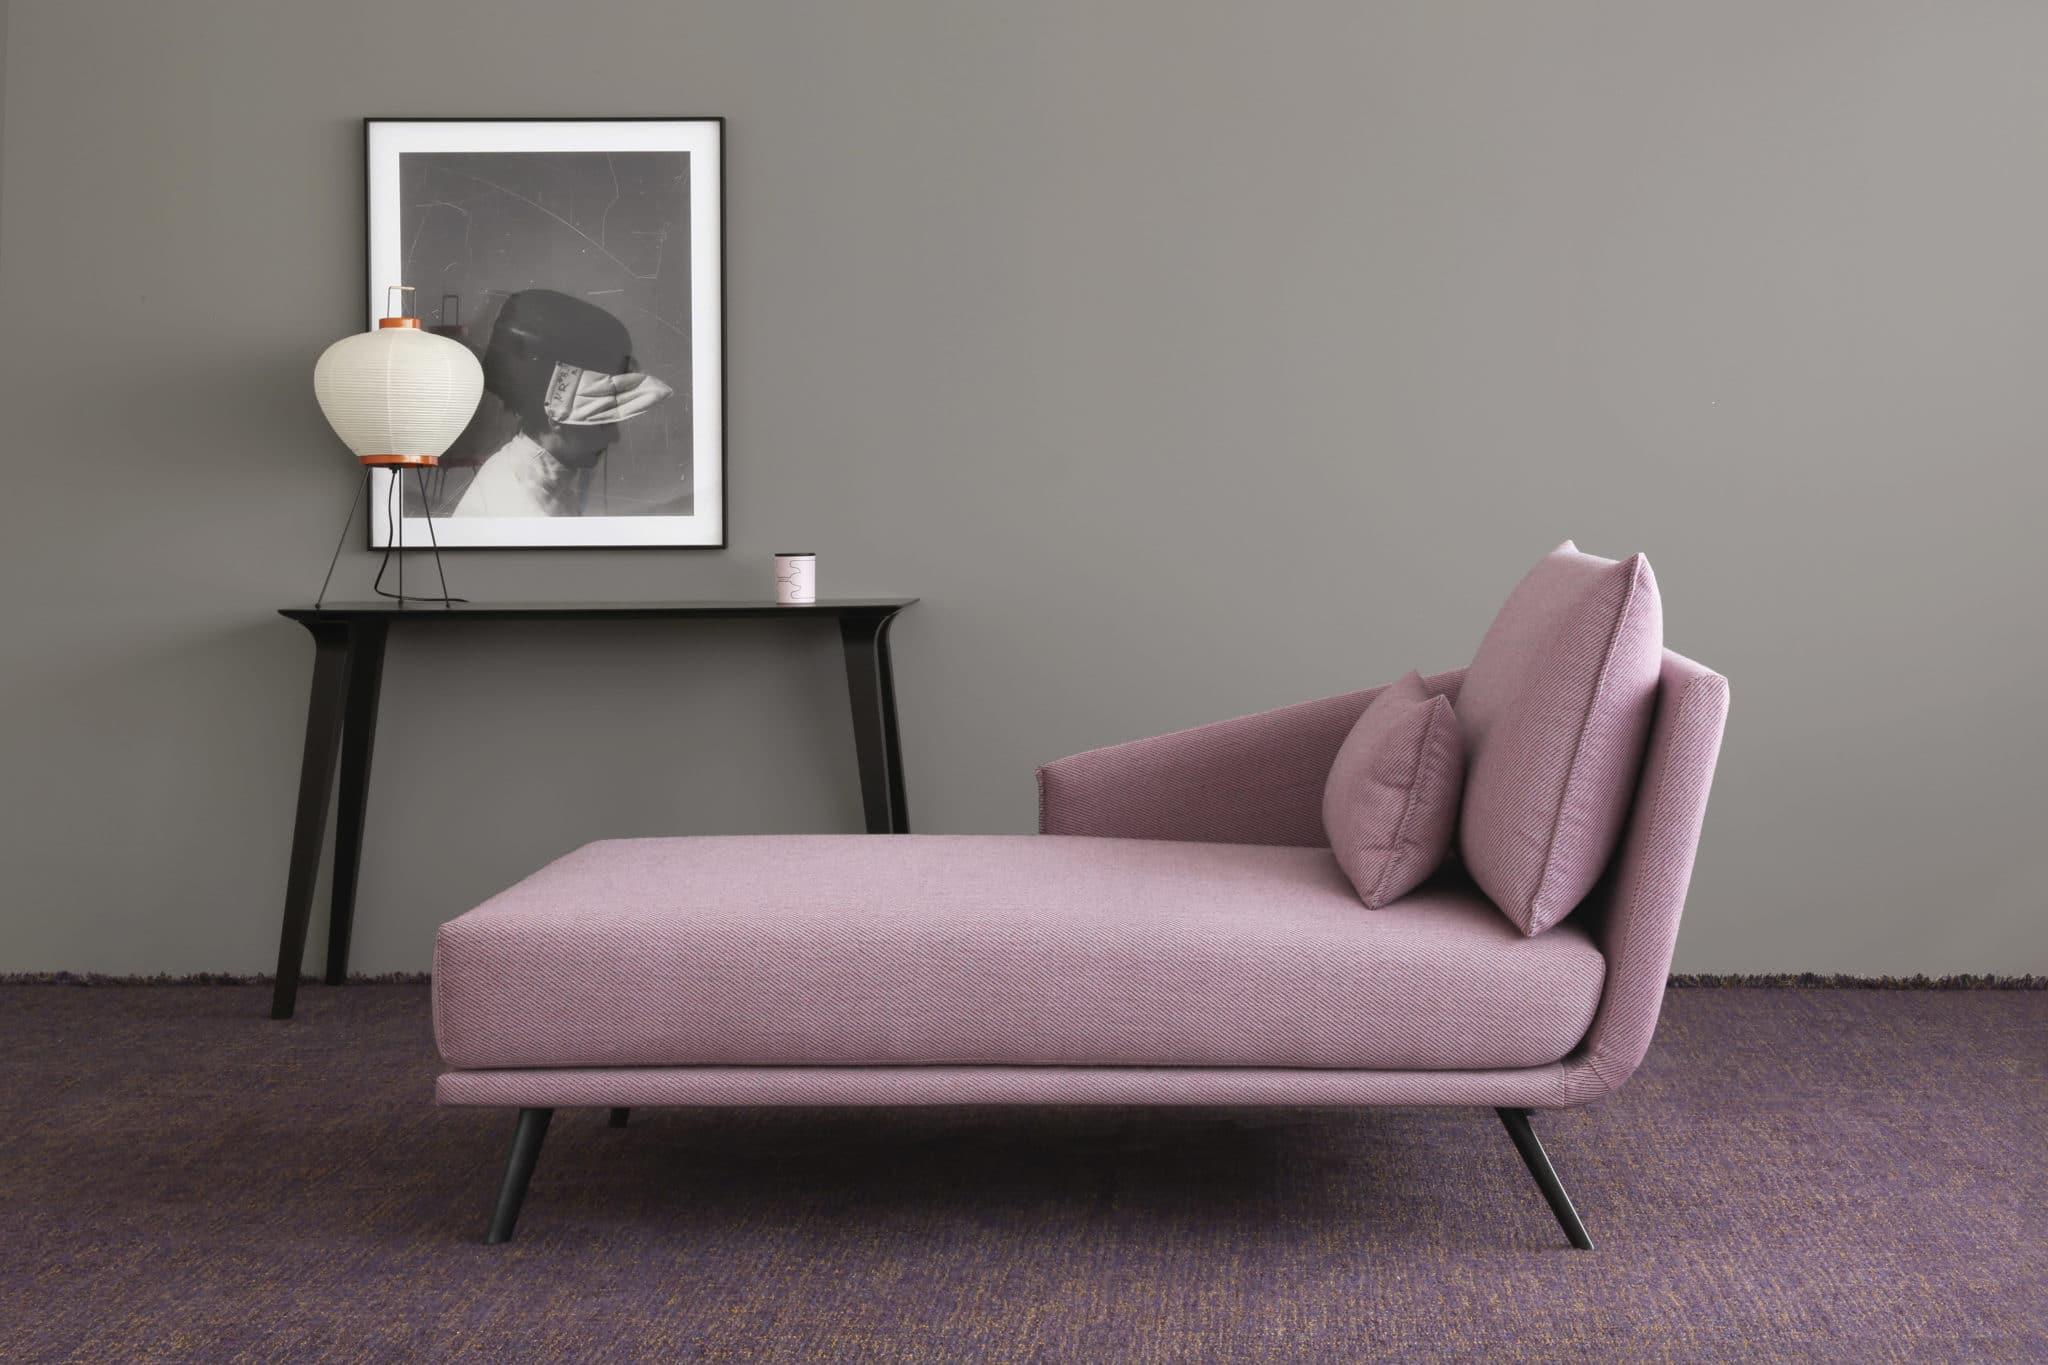 stua-costura-chaiselongue-577